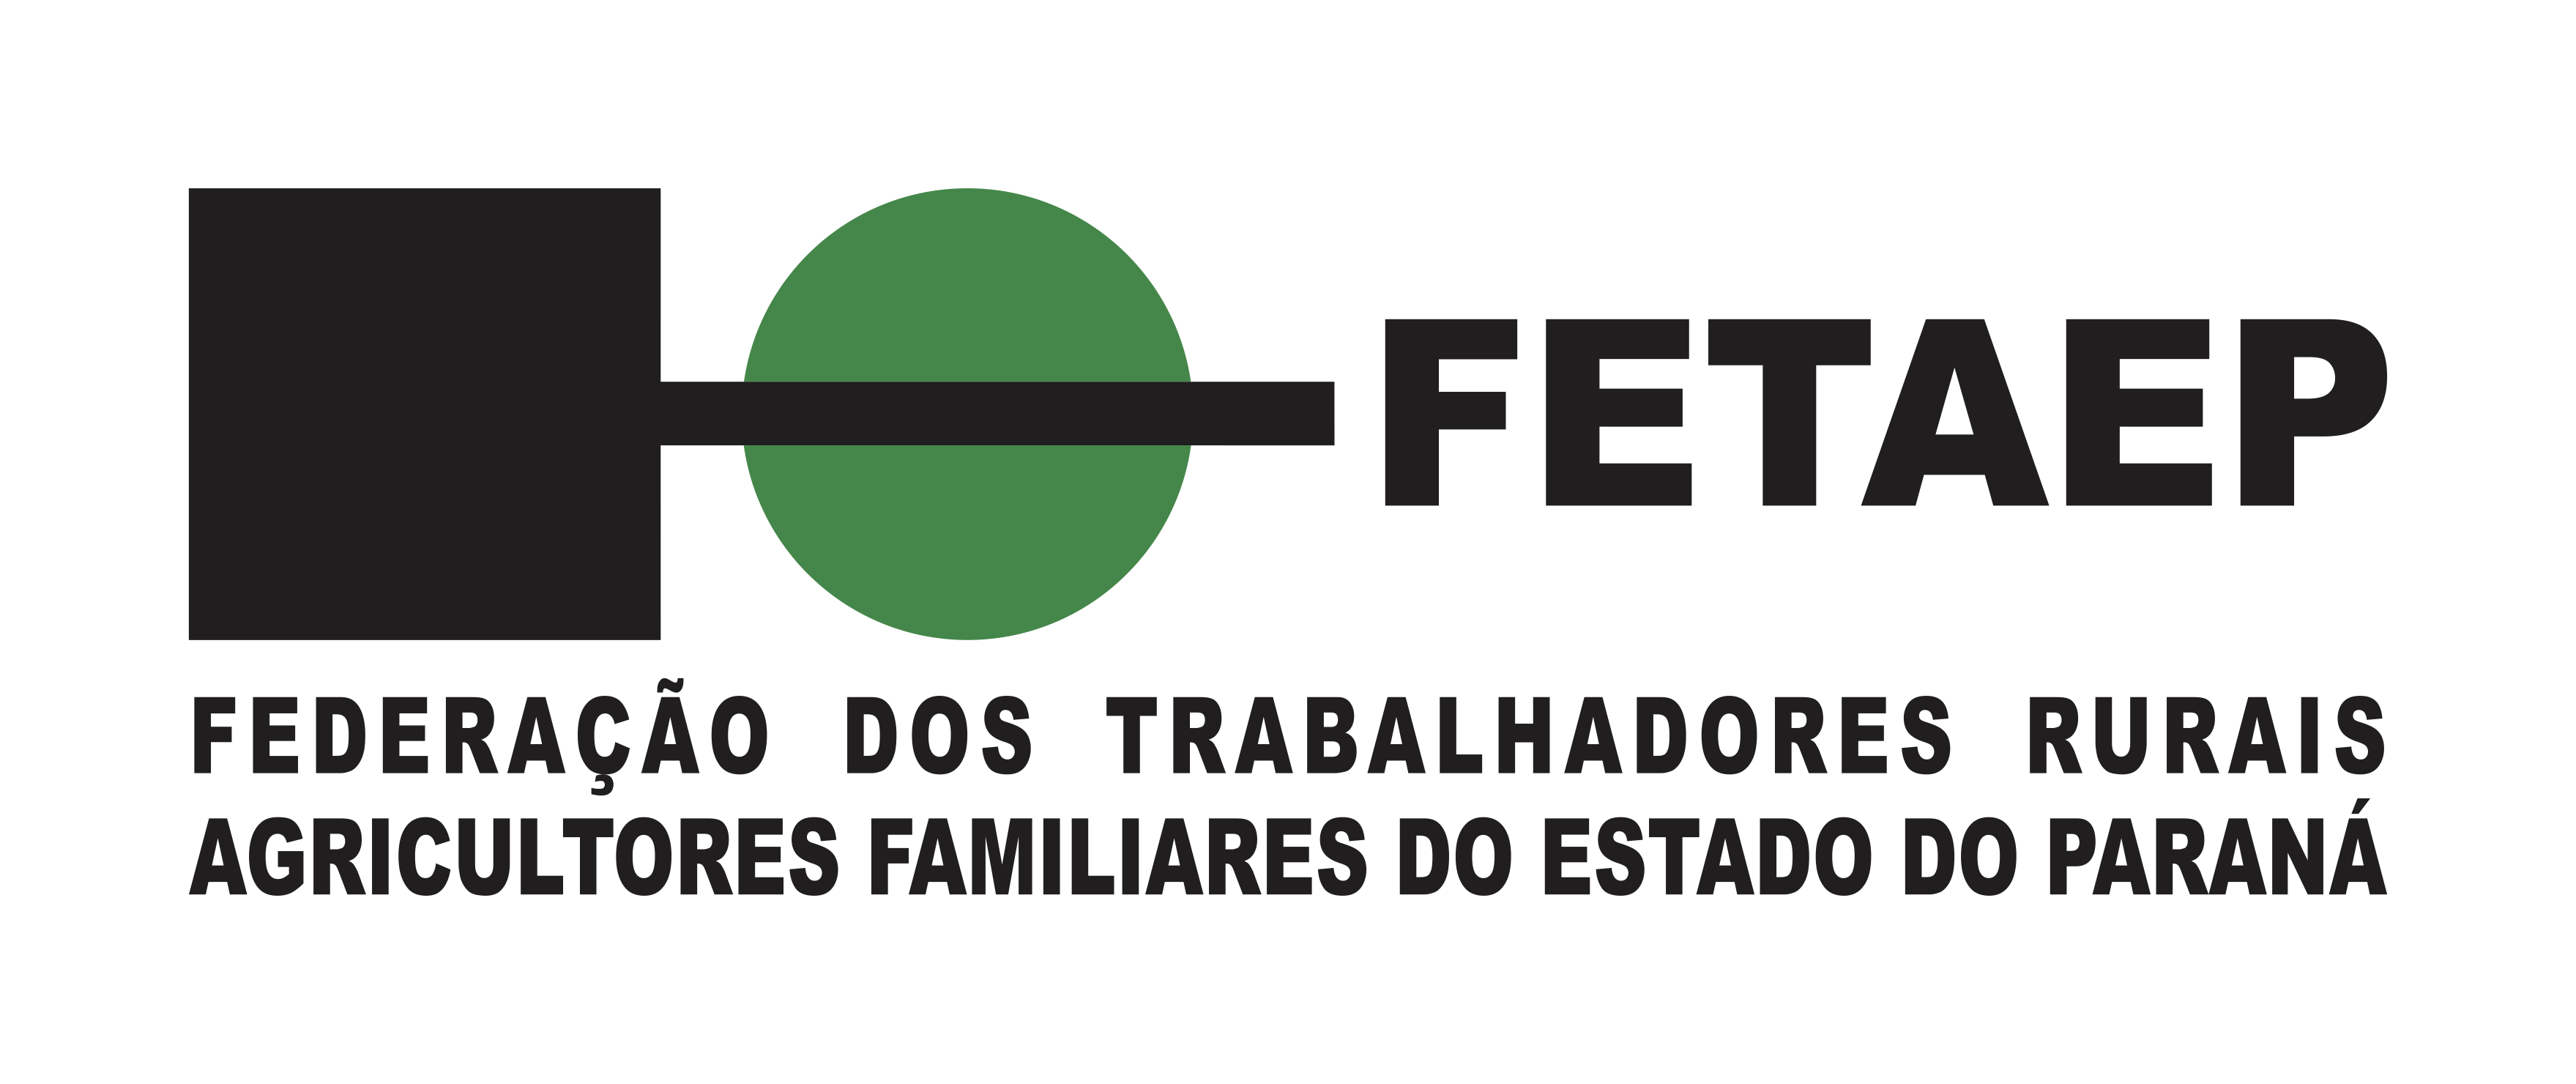 Fetaep Logotipos